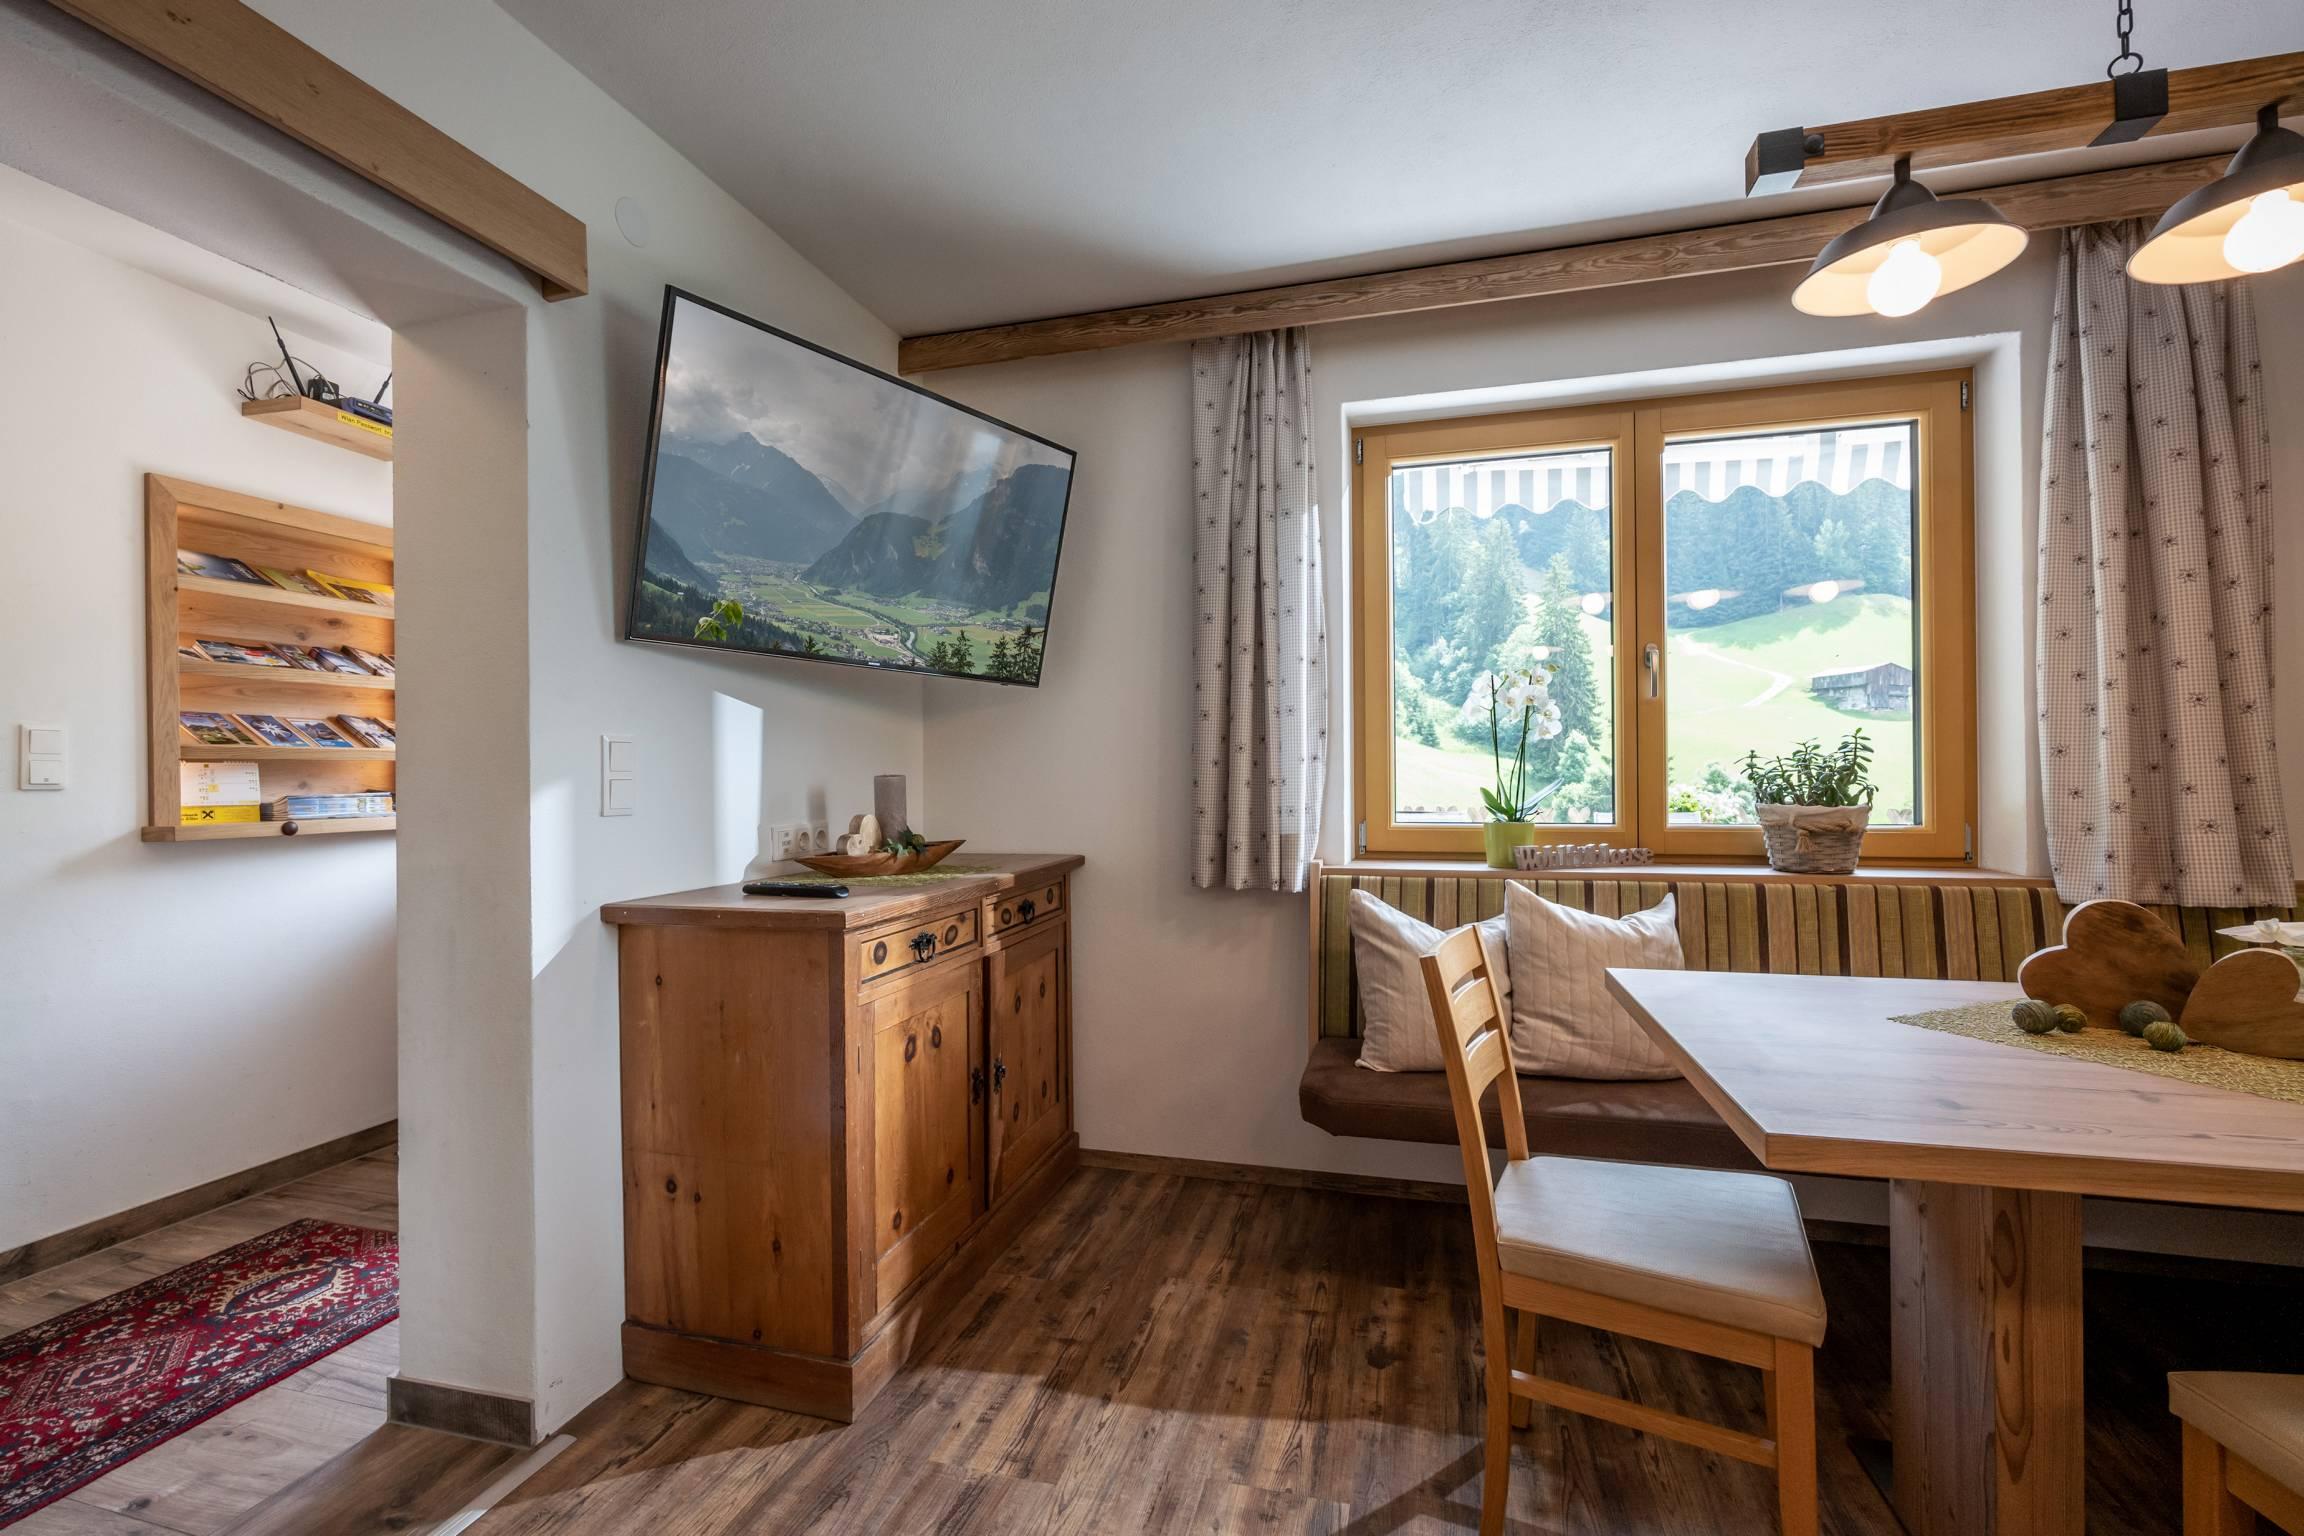 Saibatenhof am Hainzenberg im Zillertal